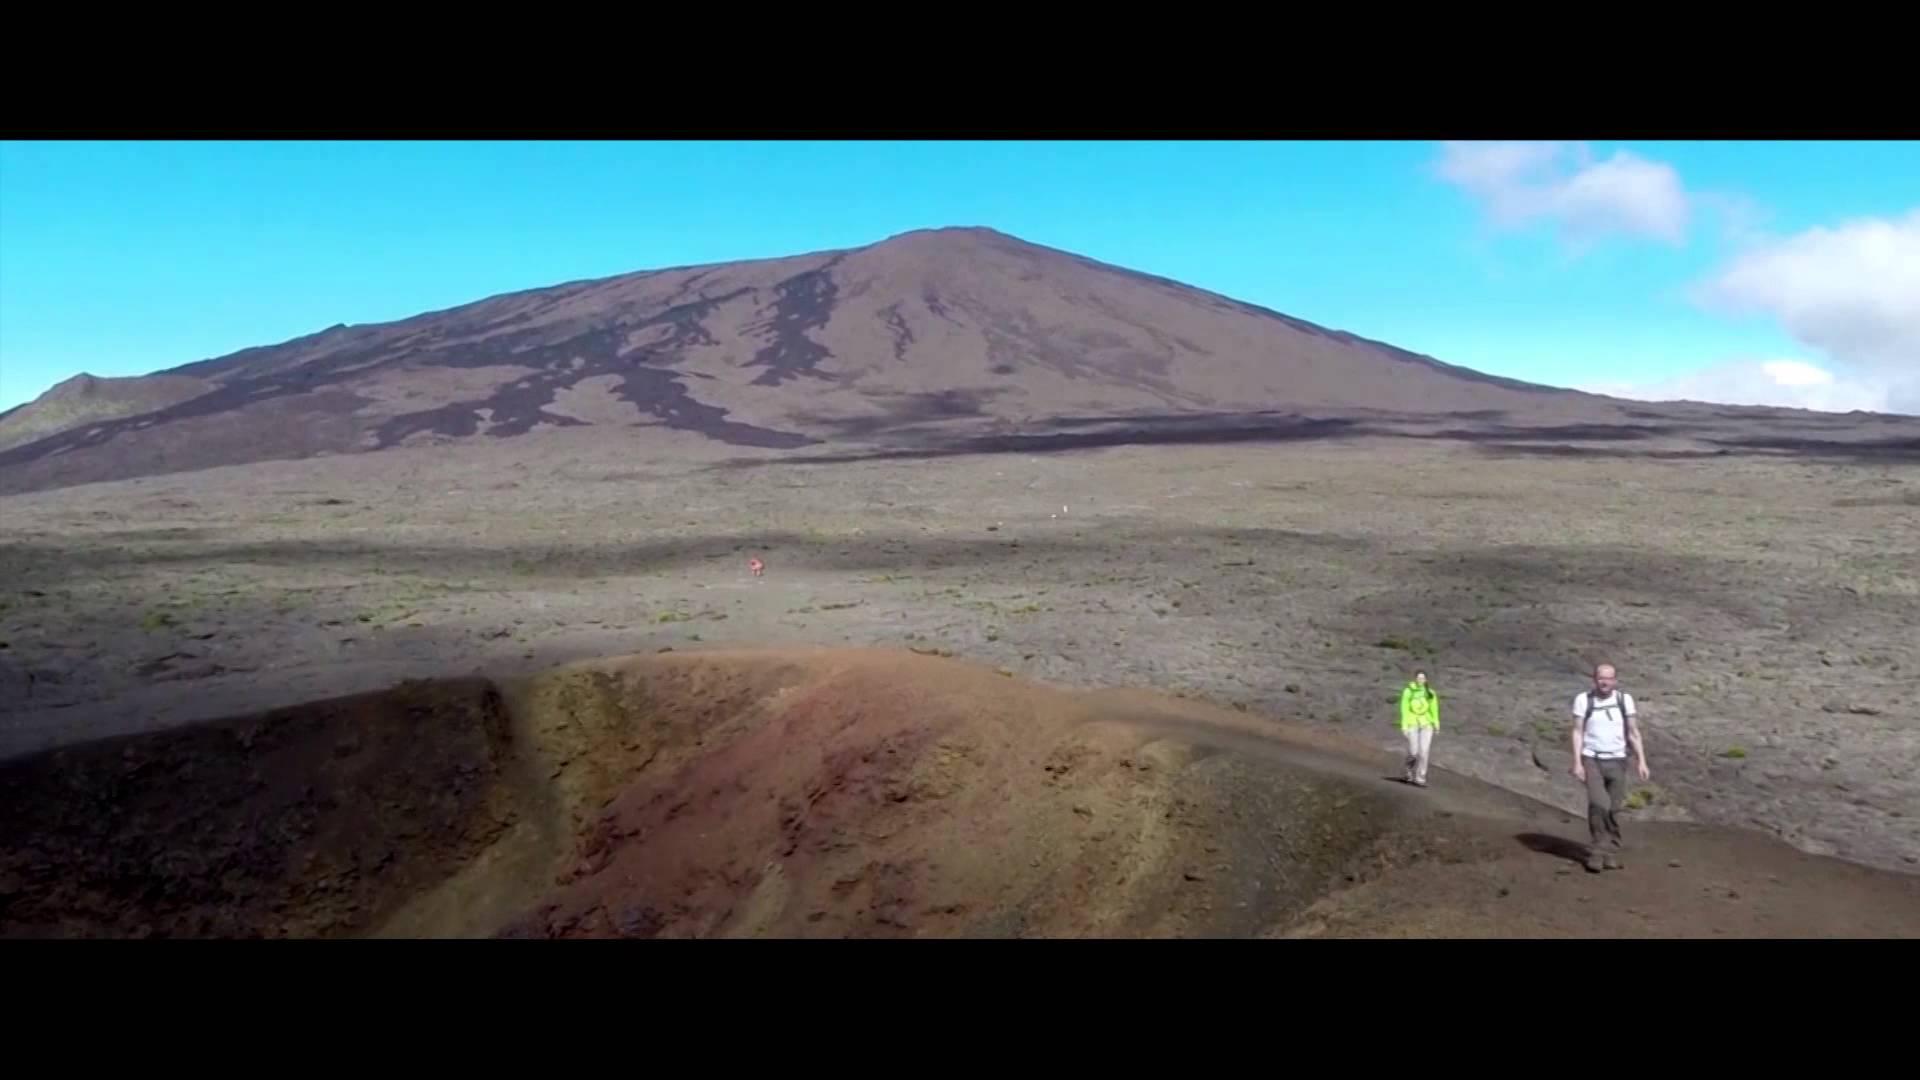 Vidéo aérienne du piton de la fournaise et ses environs